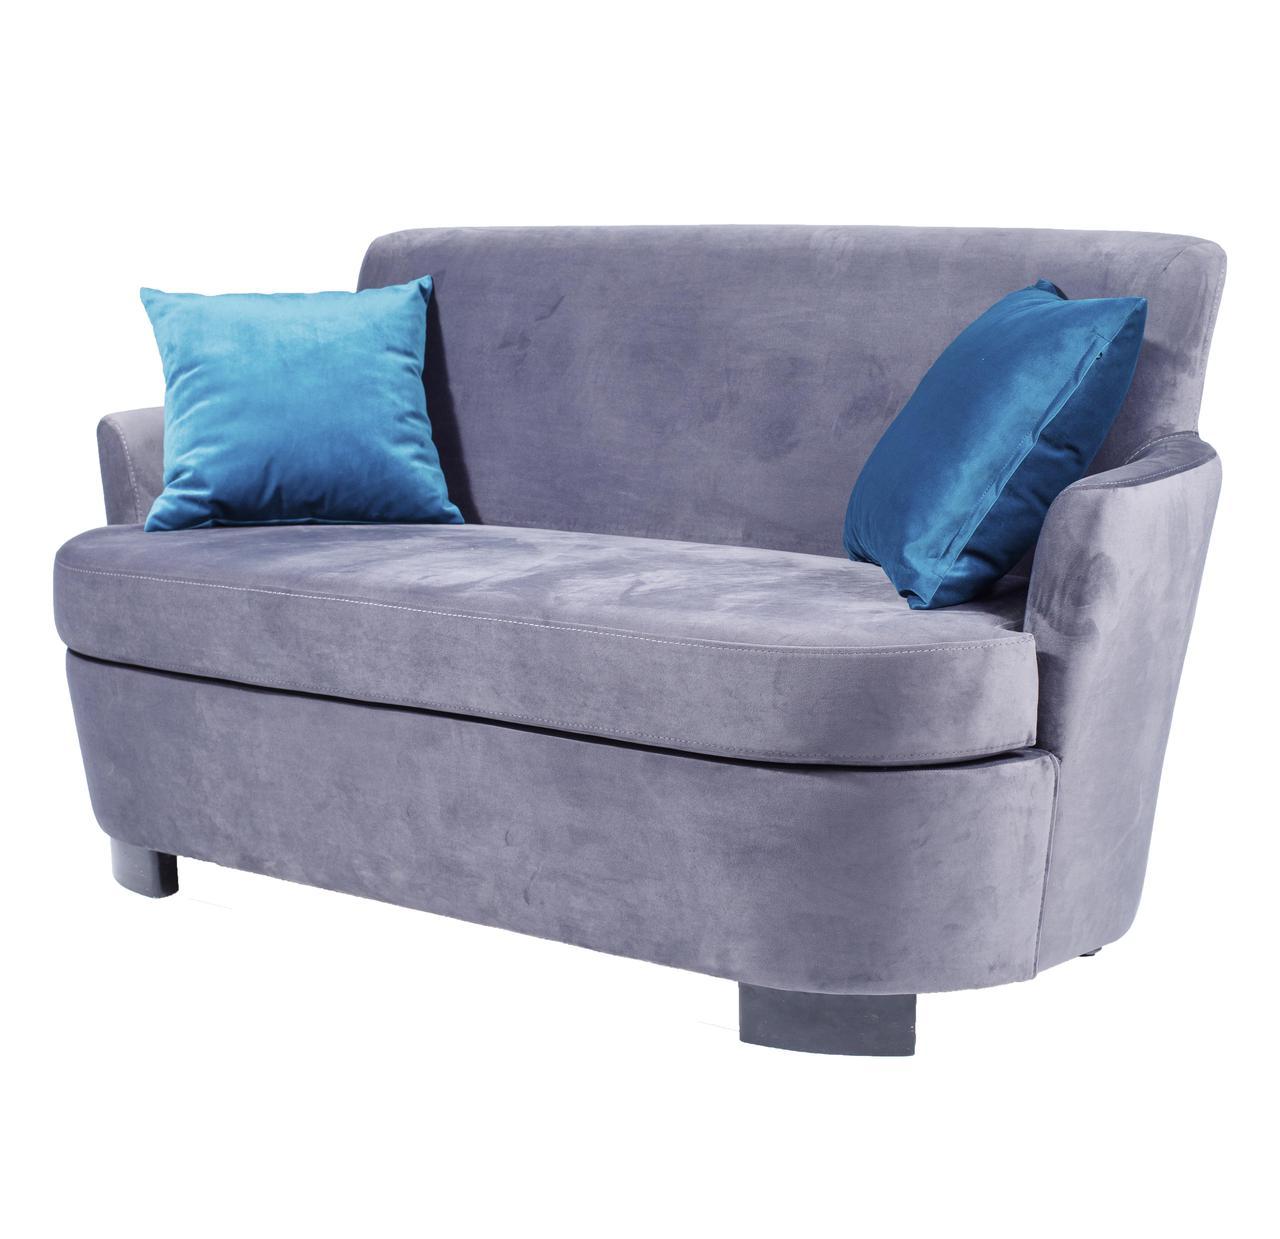 мягкий диван для ресторанов и кафе продажа цена в одессе мягкая